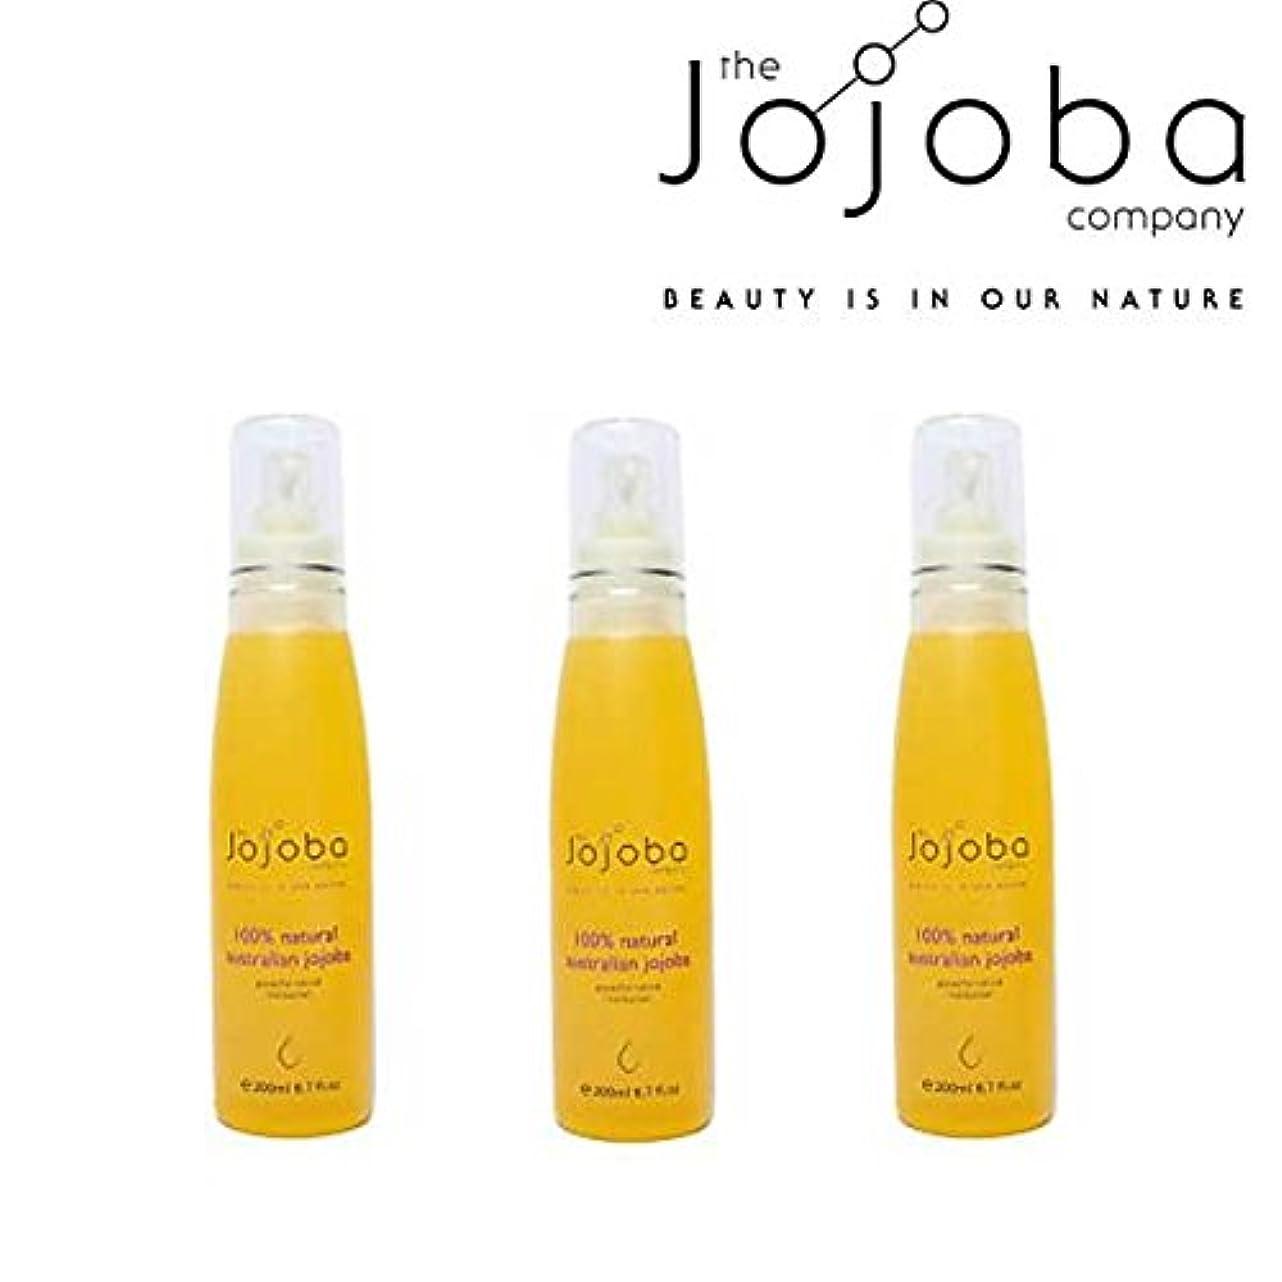 一口カバレッジ編集する[The jojoba Company]天然100% オーストラリア産ゴールデンホホバオイル200ml(3本セット)[海外直送品]